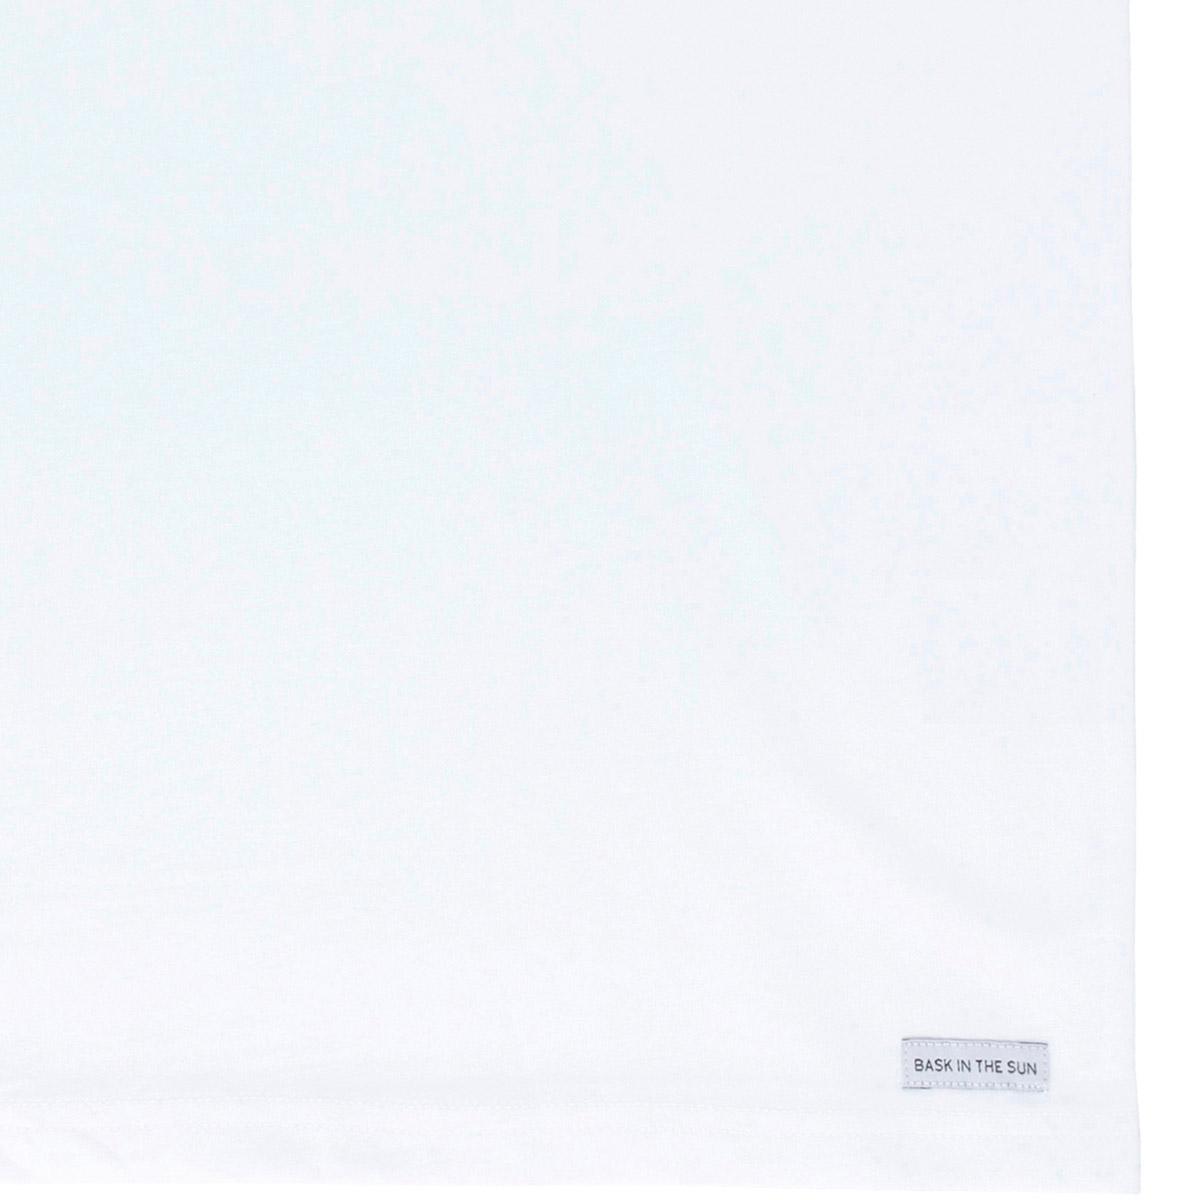 T-shirt en coton bio white pablo - Bask in the Sun num 3